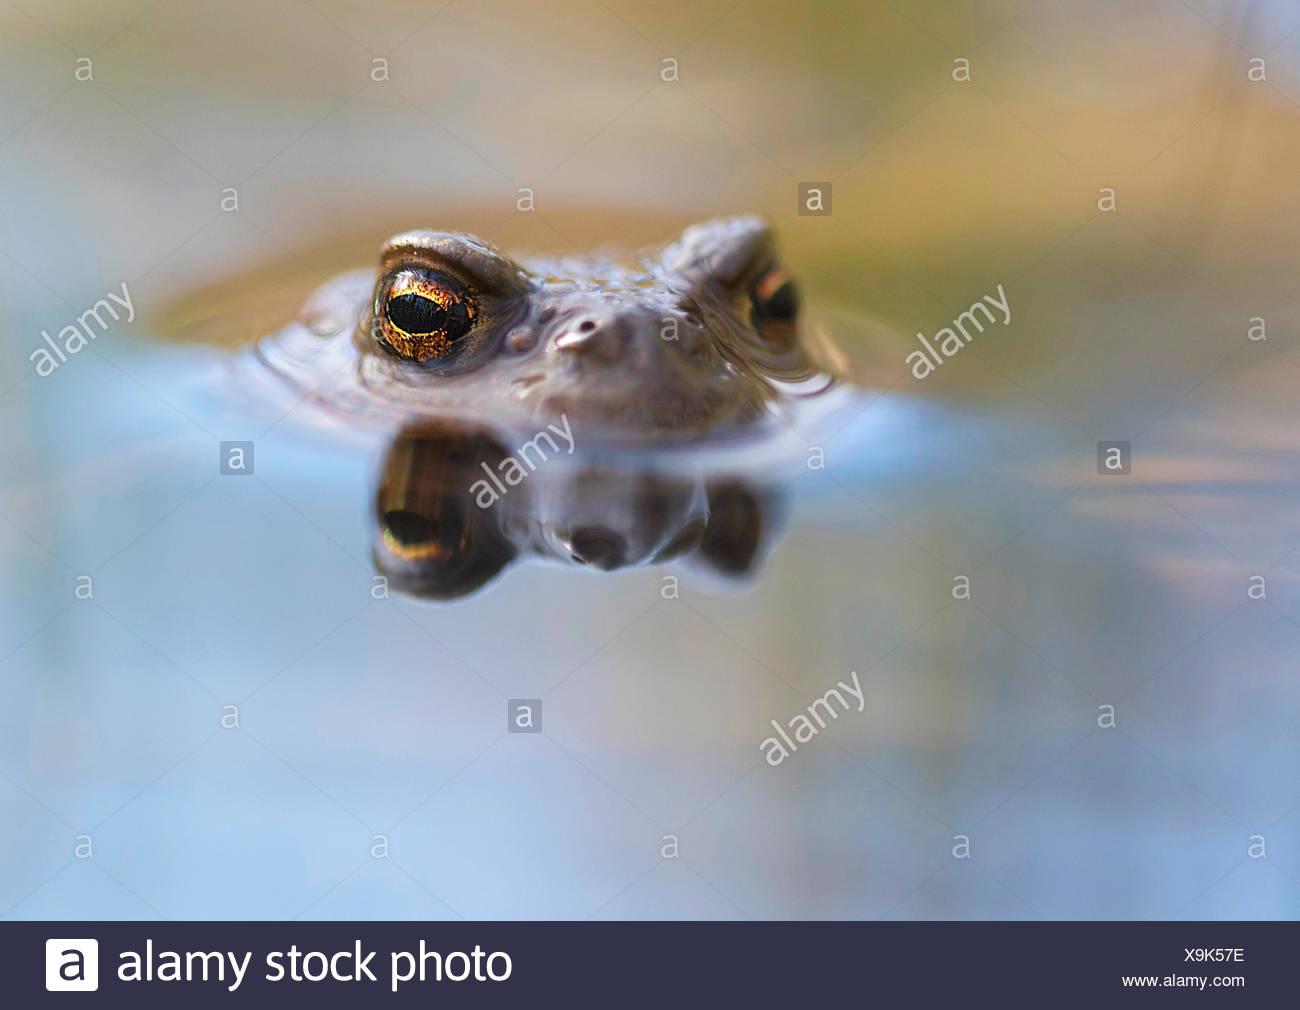 Erdkroete, Erd-Kroete (Bufo bufo), schaut aus dem Wasser, Norwegen | European common toad (Bufo bufo), at water surface, Norway  Stock Photo